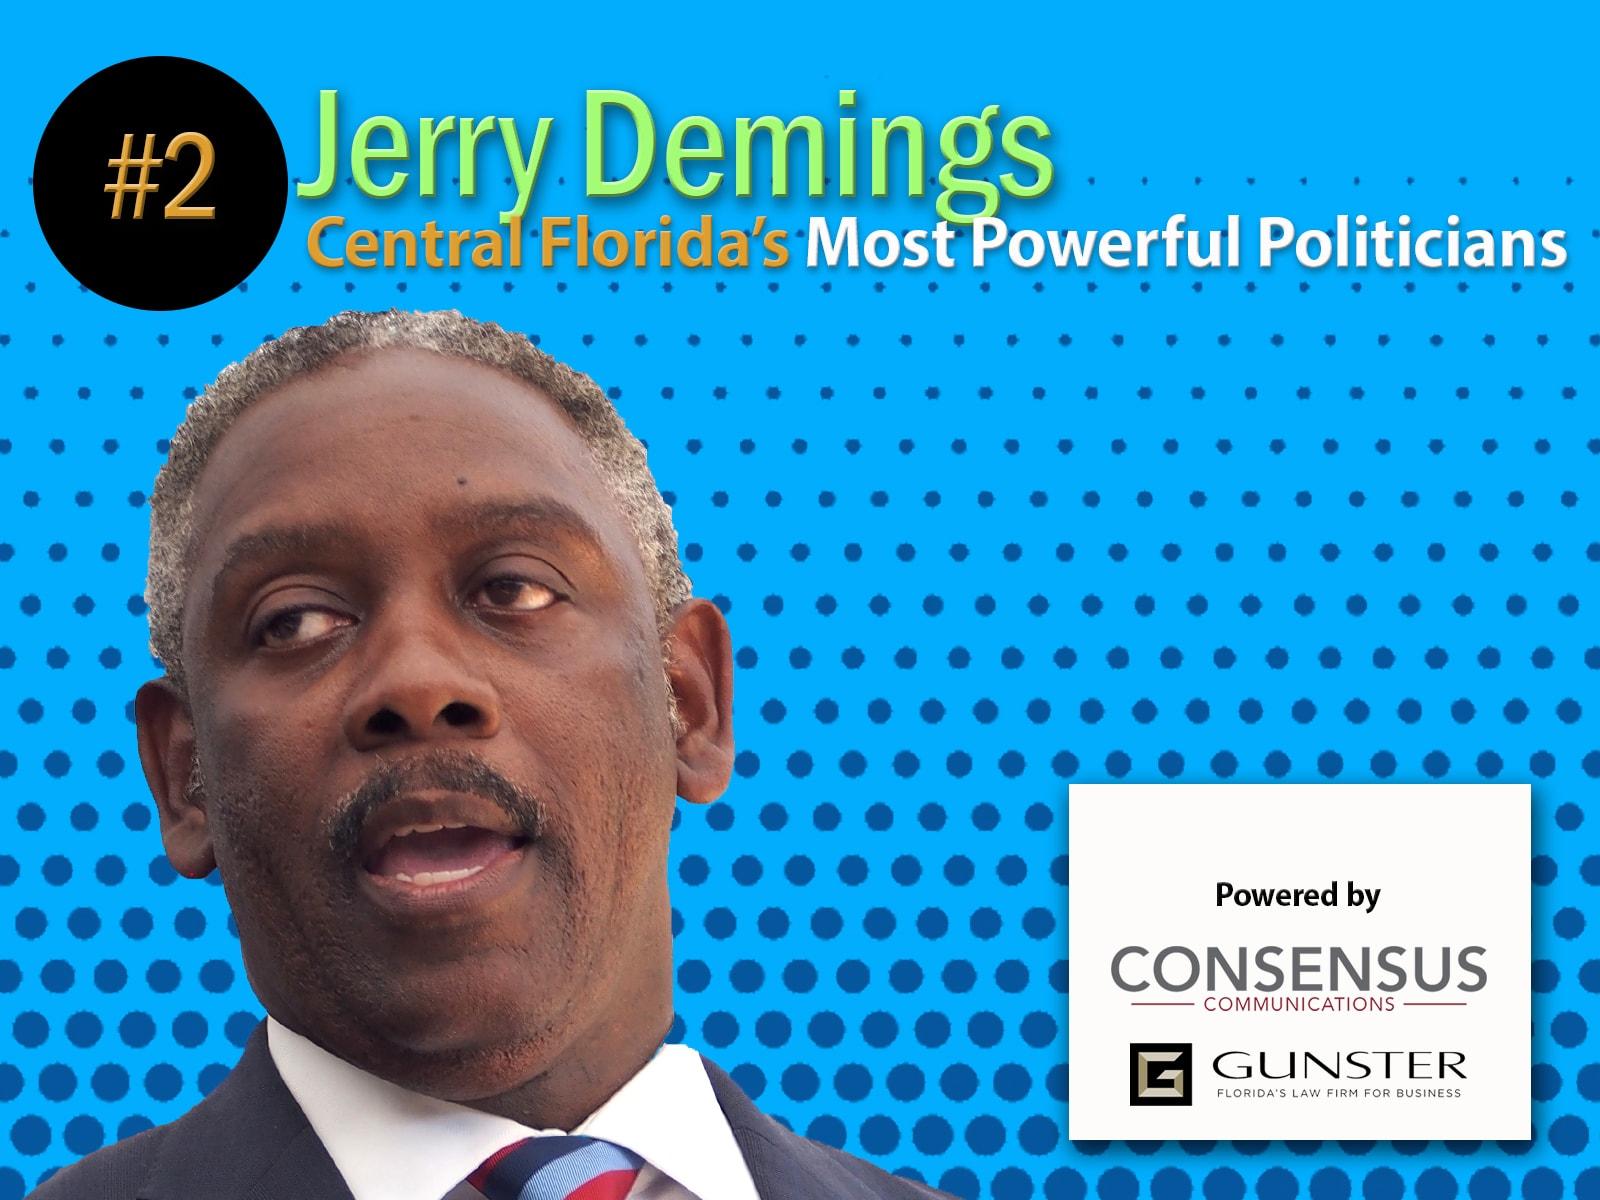 Jerry-Demings-1.jpg